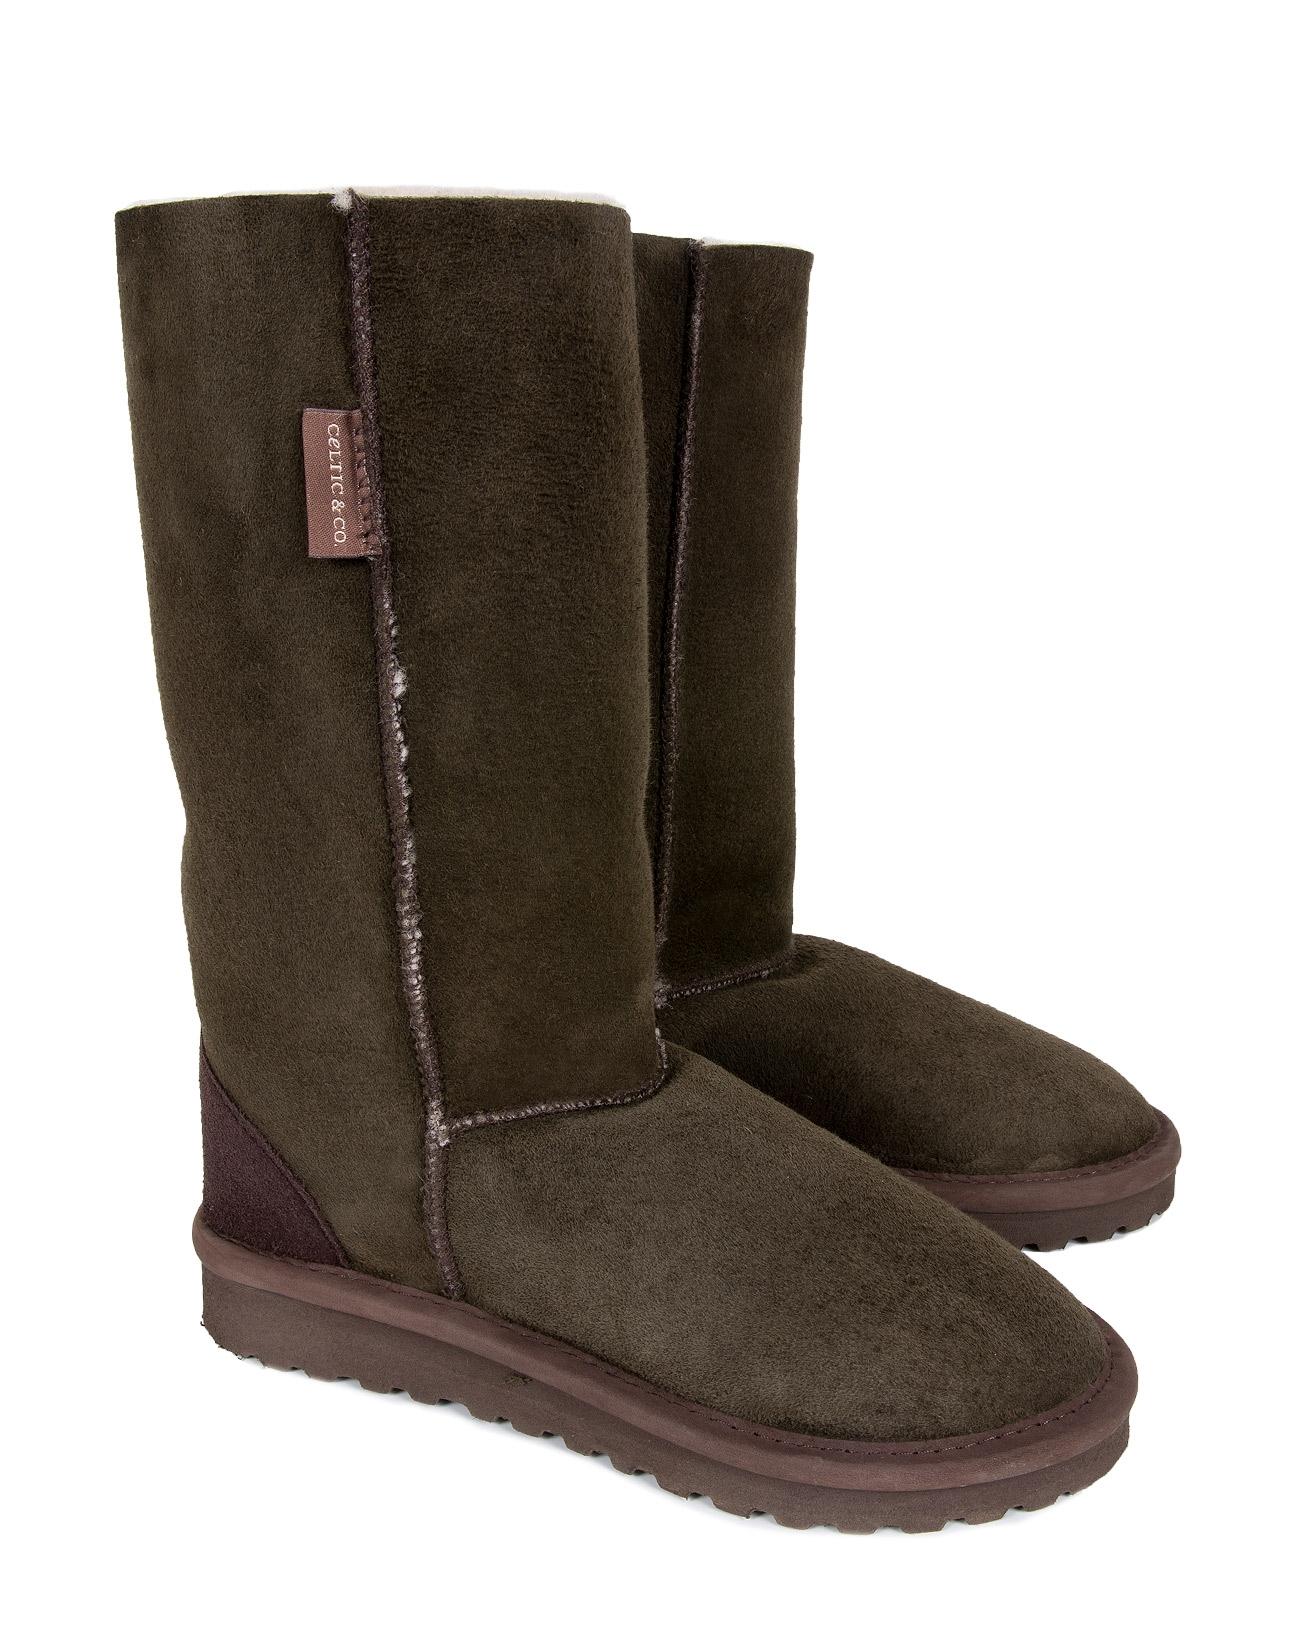 Original Celt Boots Calf - Size 7 - Moorland - 2317